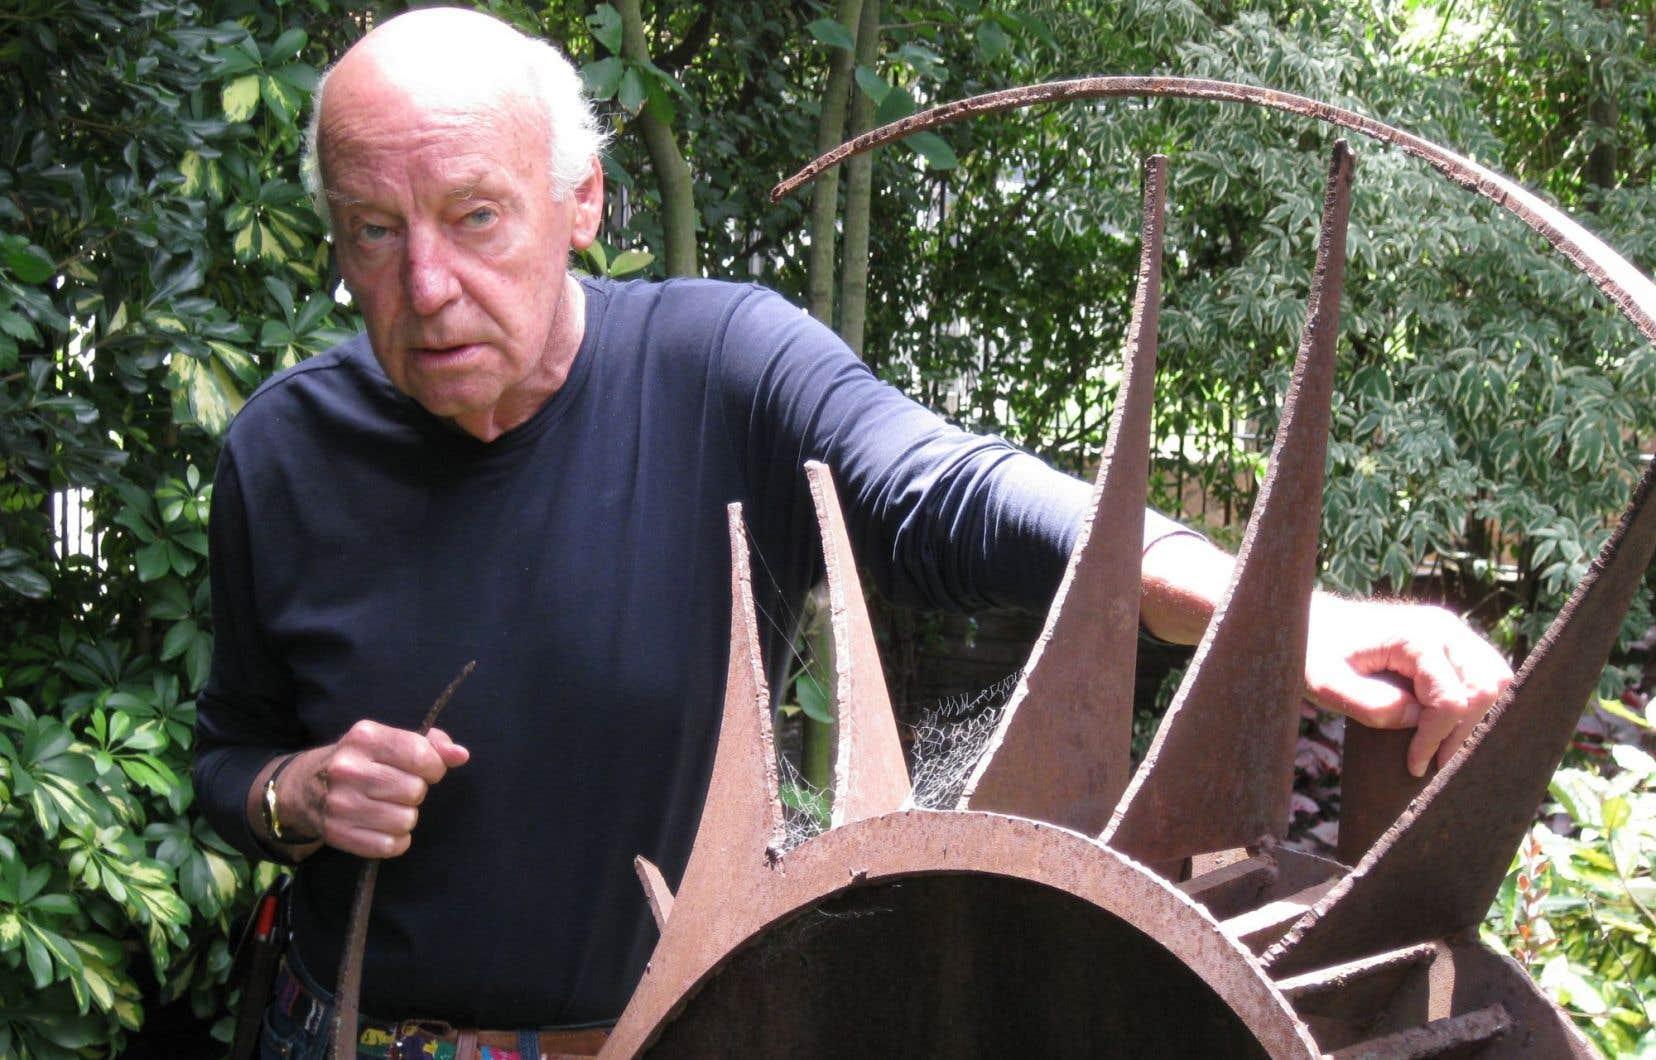 Eduardo Galeano s'intéressait d'une façon unique à la mémoire, en ramenant au premier plan les invisibles, <em>«ceux d'en bas, ceux qui attendent depuis des siècles dans la file d'attente de l'Histoire»</em>.